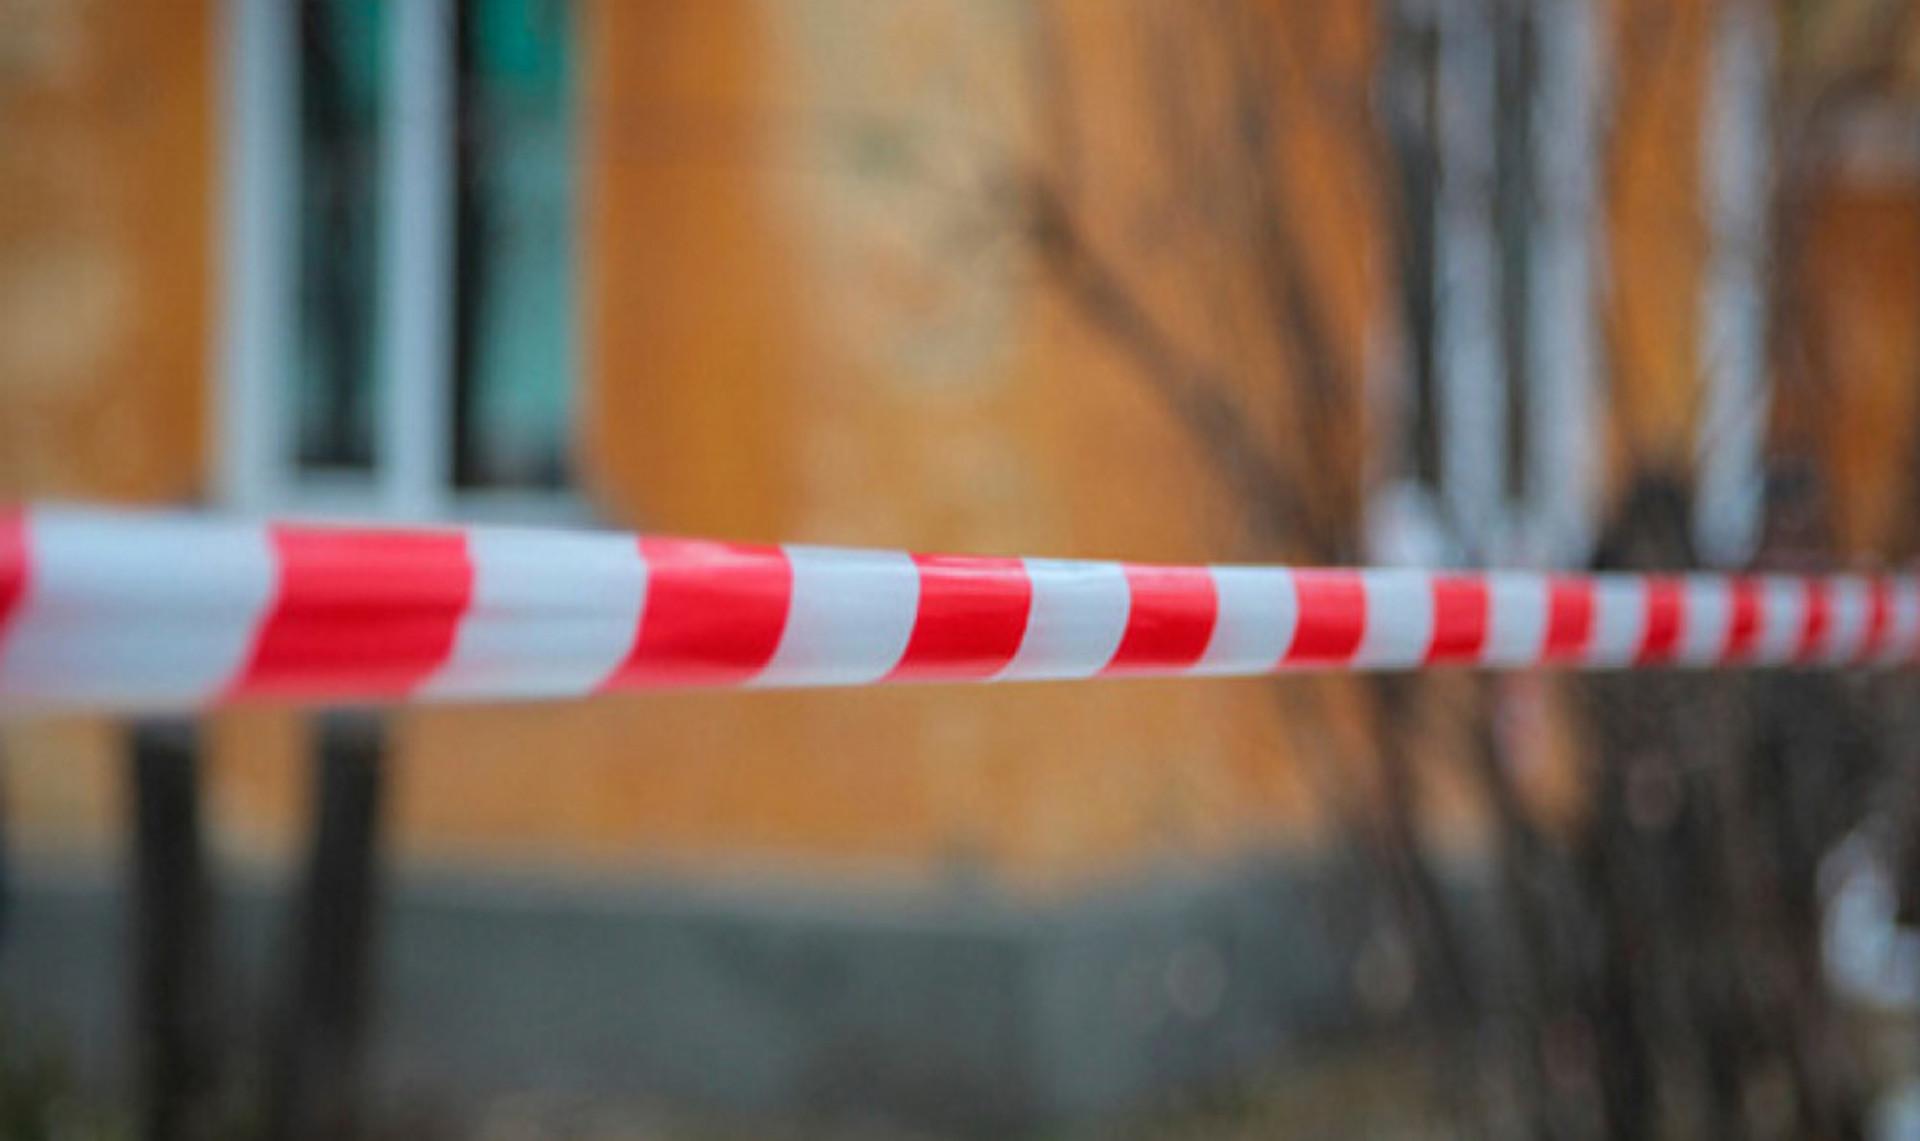 В Херсоне на улице нашли тело 16-летнего студента: полиция устанавливает обстоятельства гибели